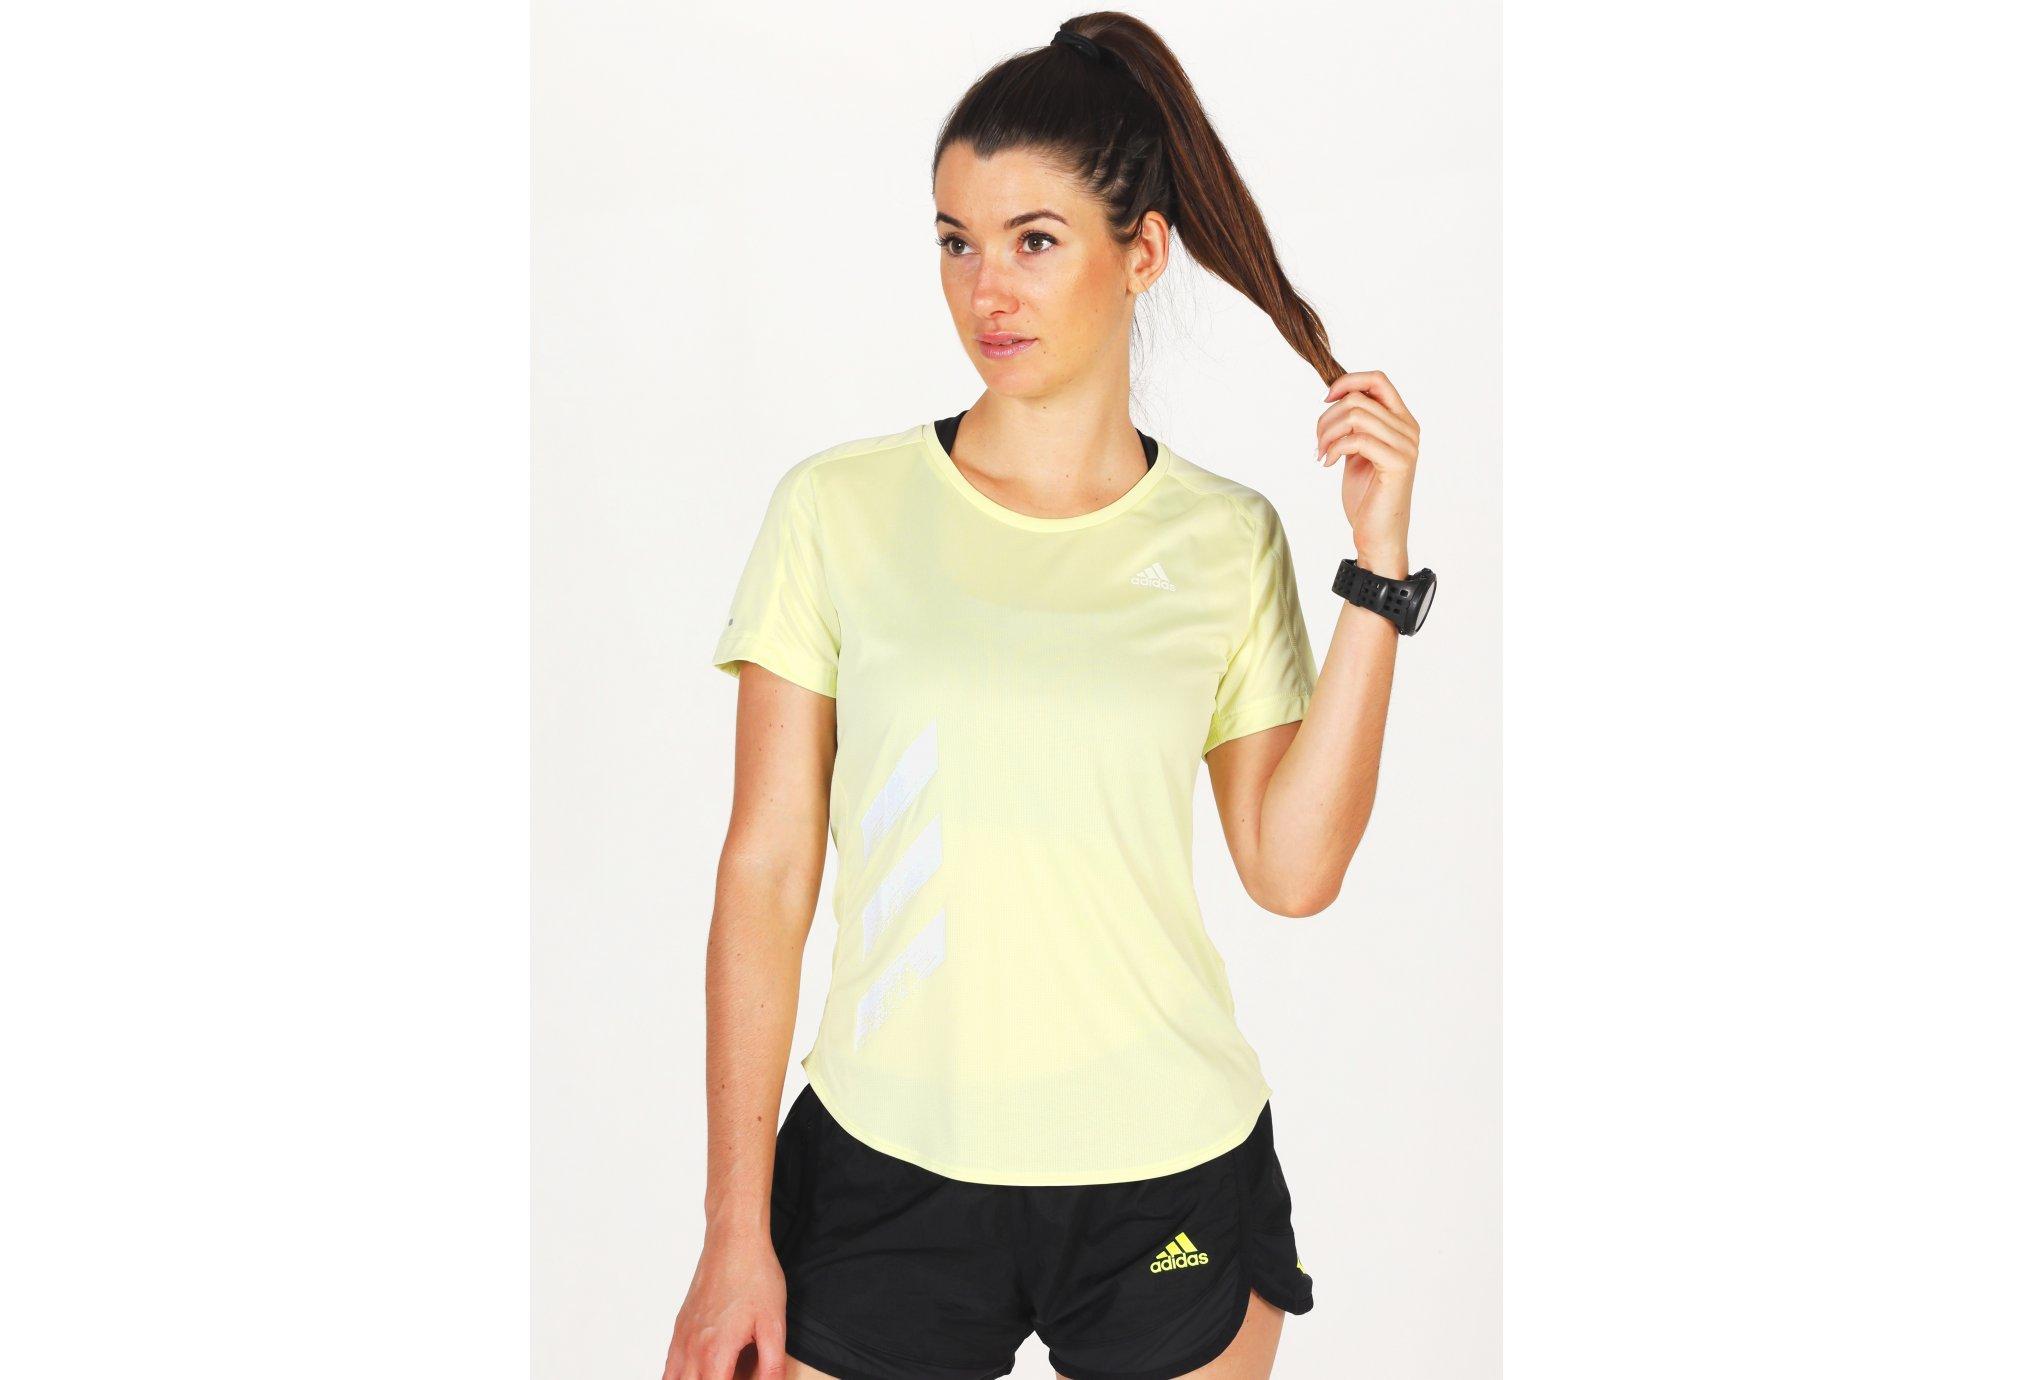 adidas Run It 3-Stripes Fast W vêtement running femme